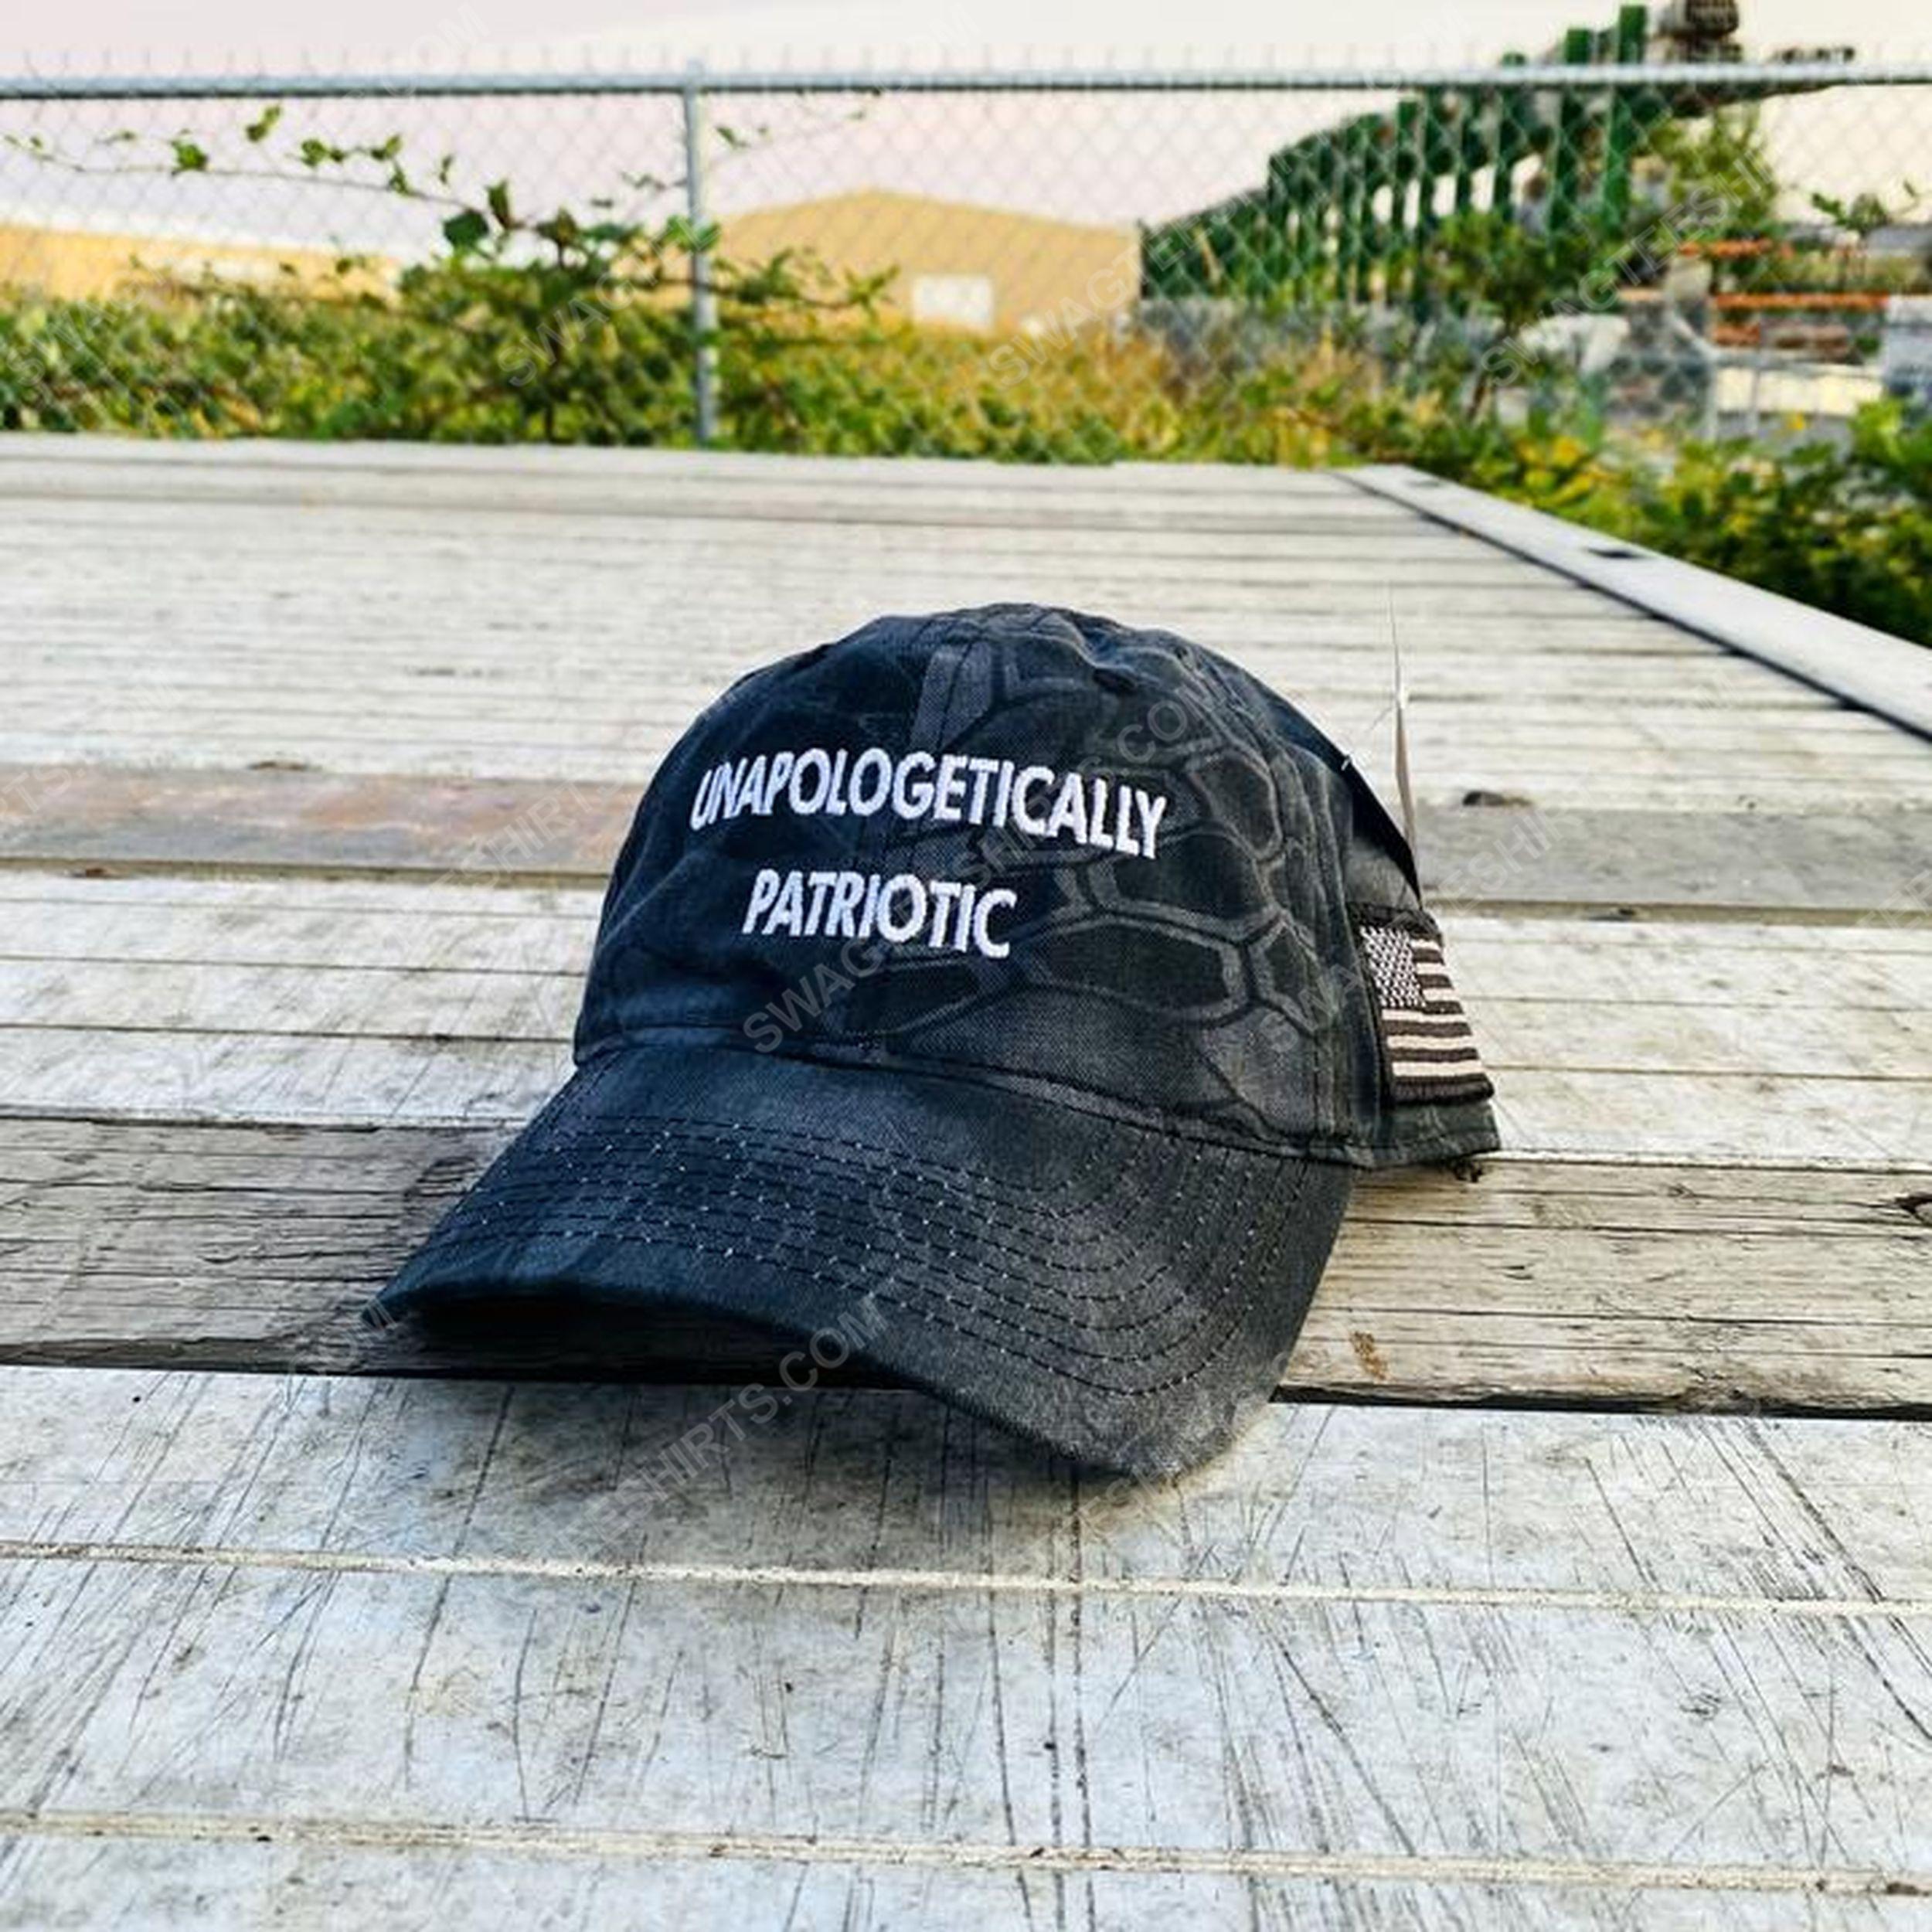 Unapologetically patriotic full print classic hat 1